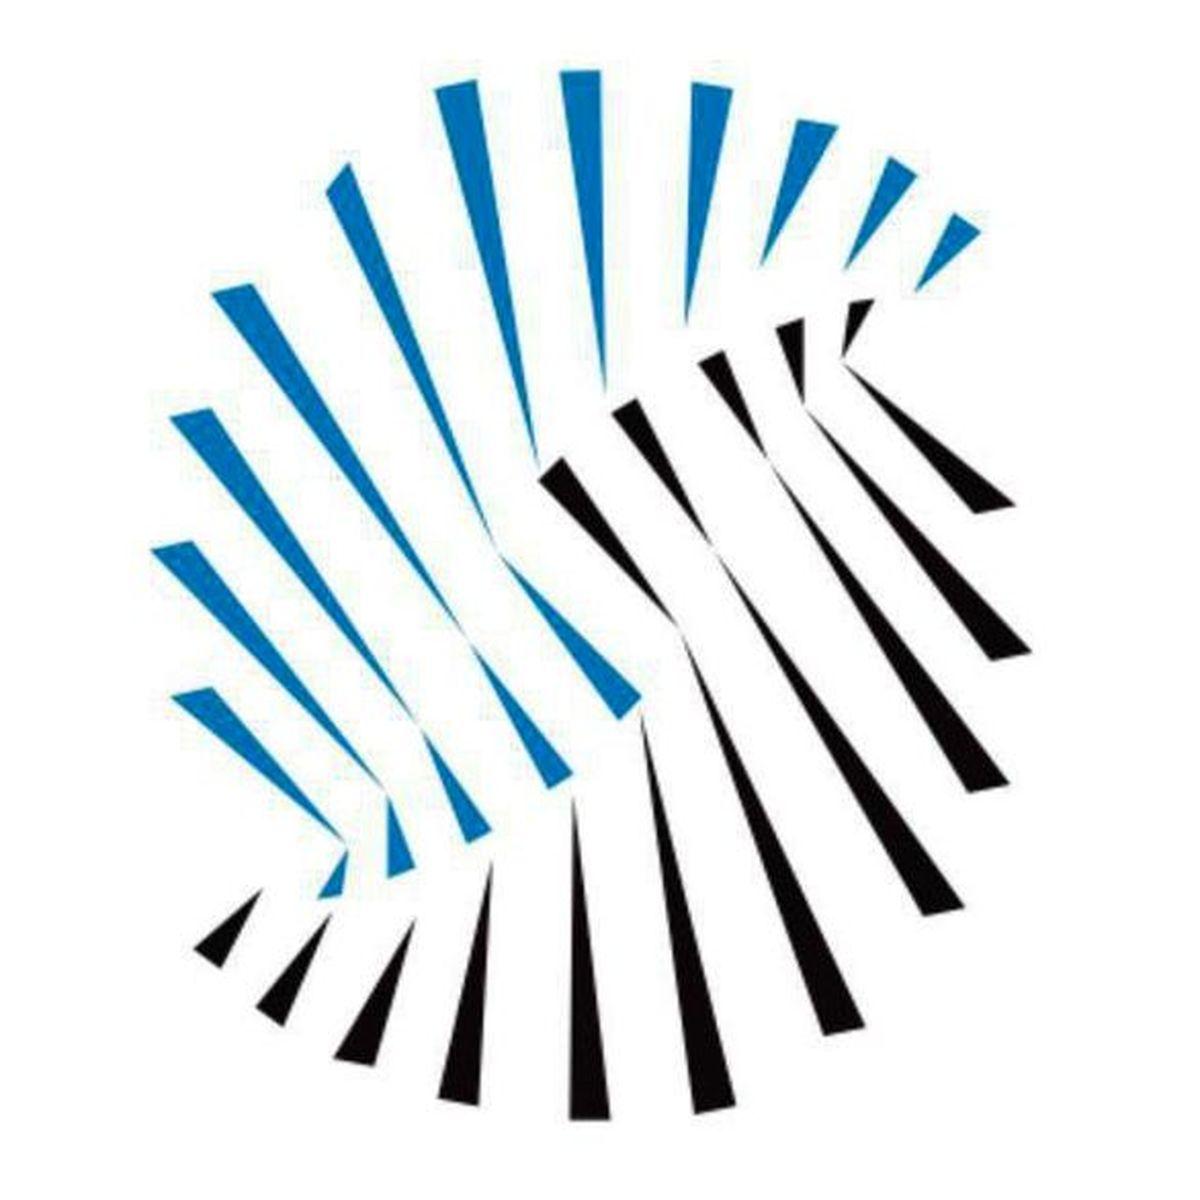 لوگوی بیمه تجارت نو ناقص است/ نشان شرکتهای بیمهای کشور در حد استاندارد بینالمللی نیست